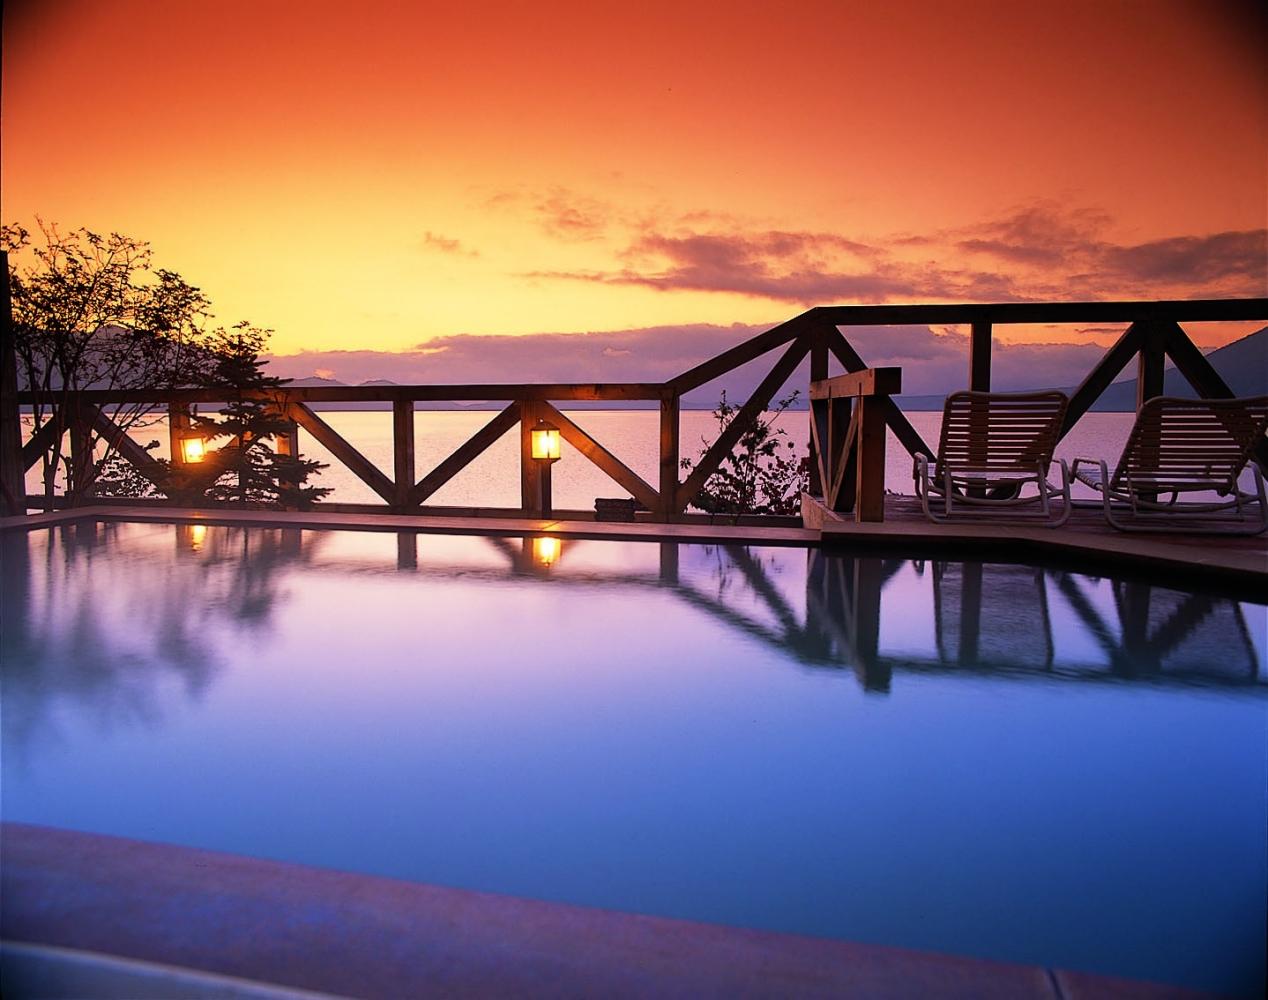 寅さんの北海道の温泉宿は「丸駒温泉旅館」